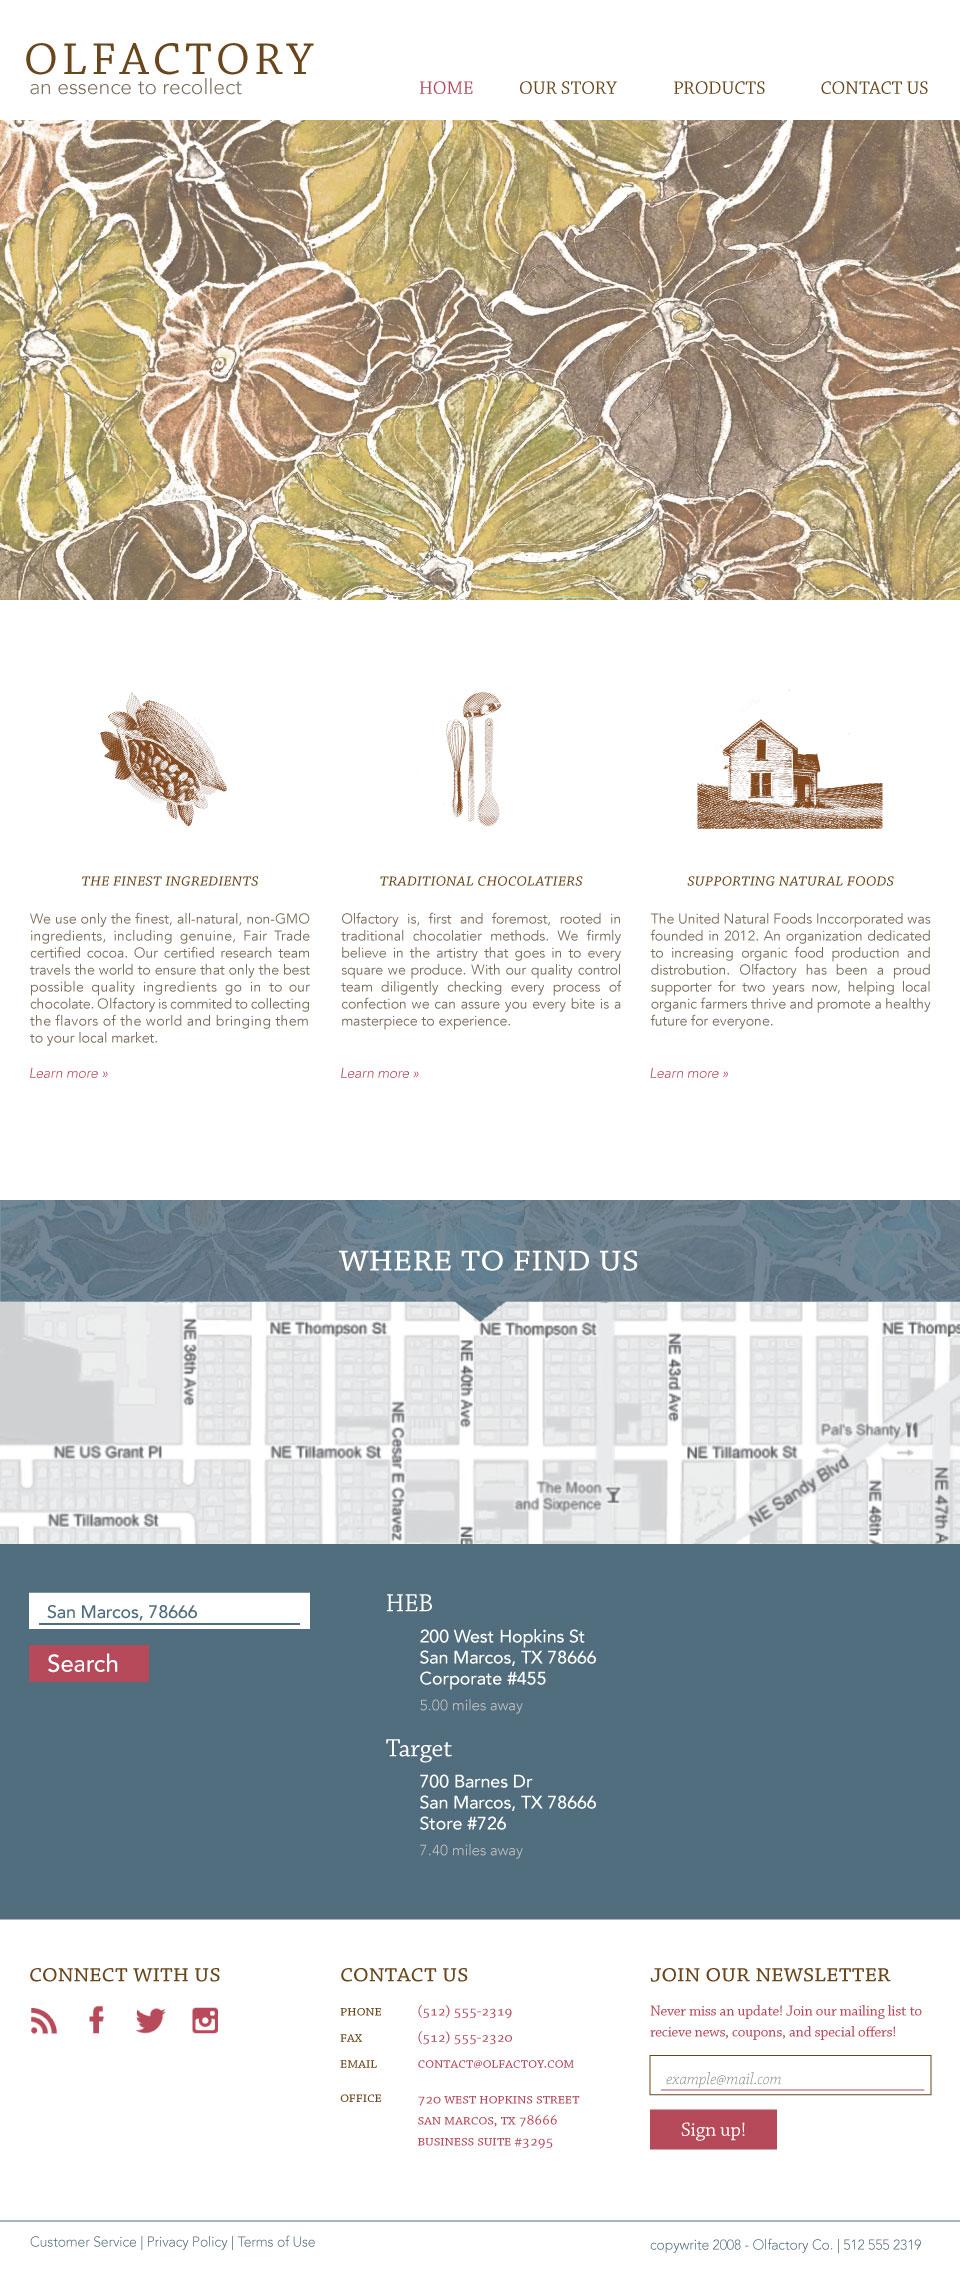 Olfactory_web_home